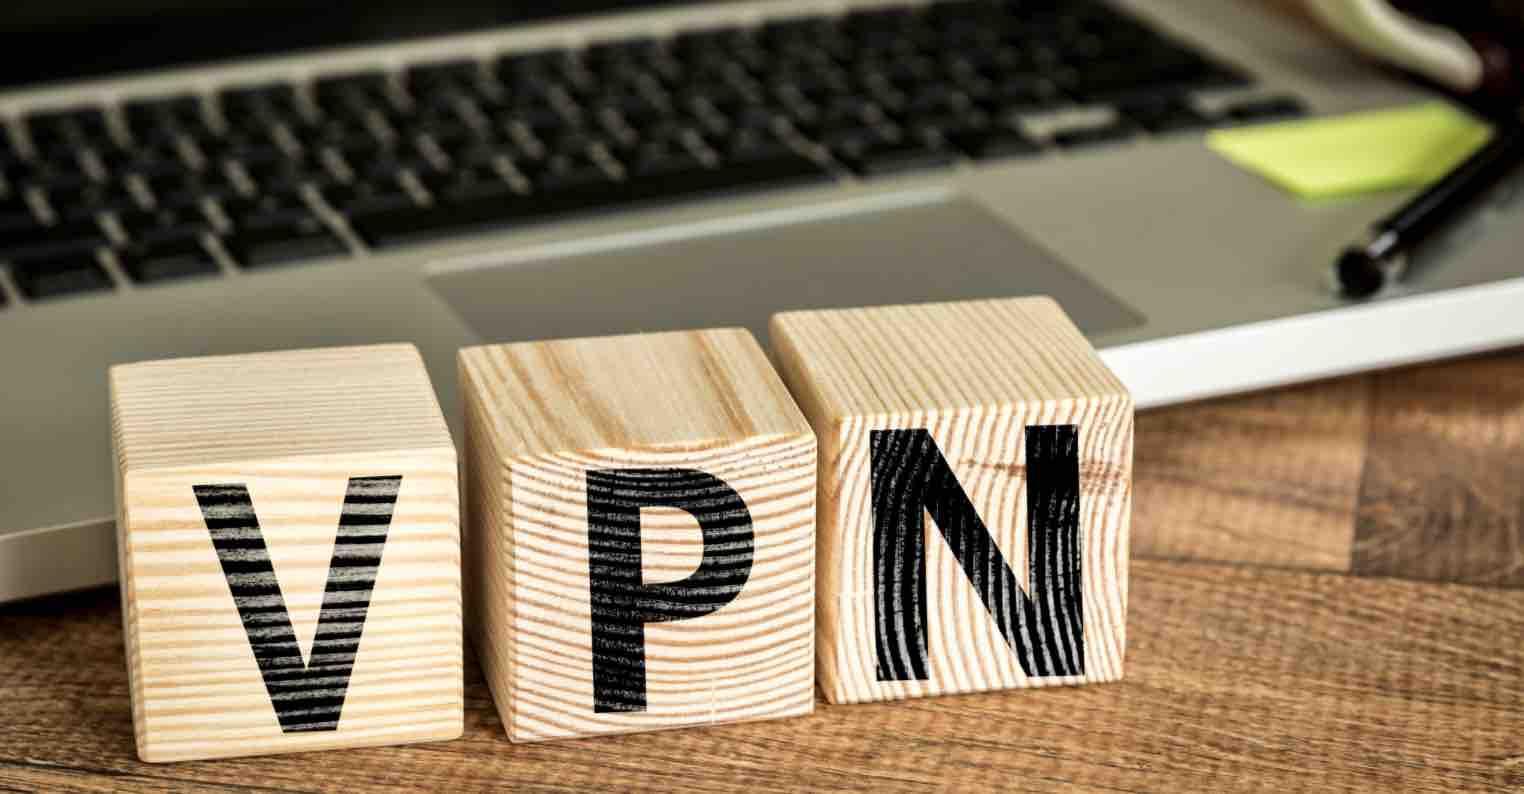 VPN LÀ GÌ- ỨNG DỤNG CỦA VPN TRONG CUỘC SỐNG